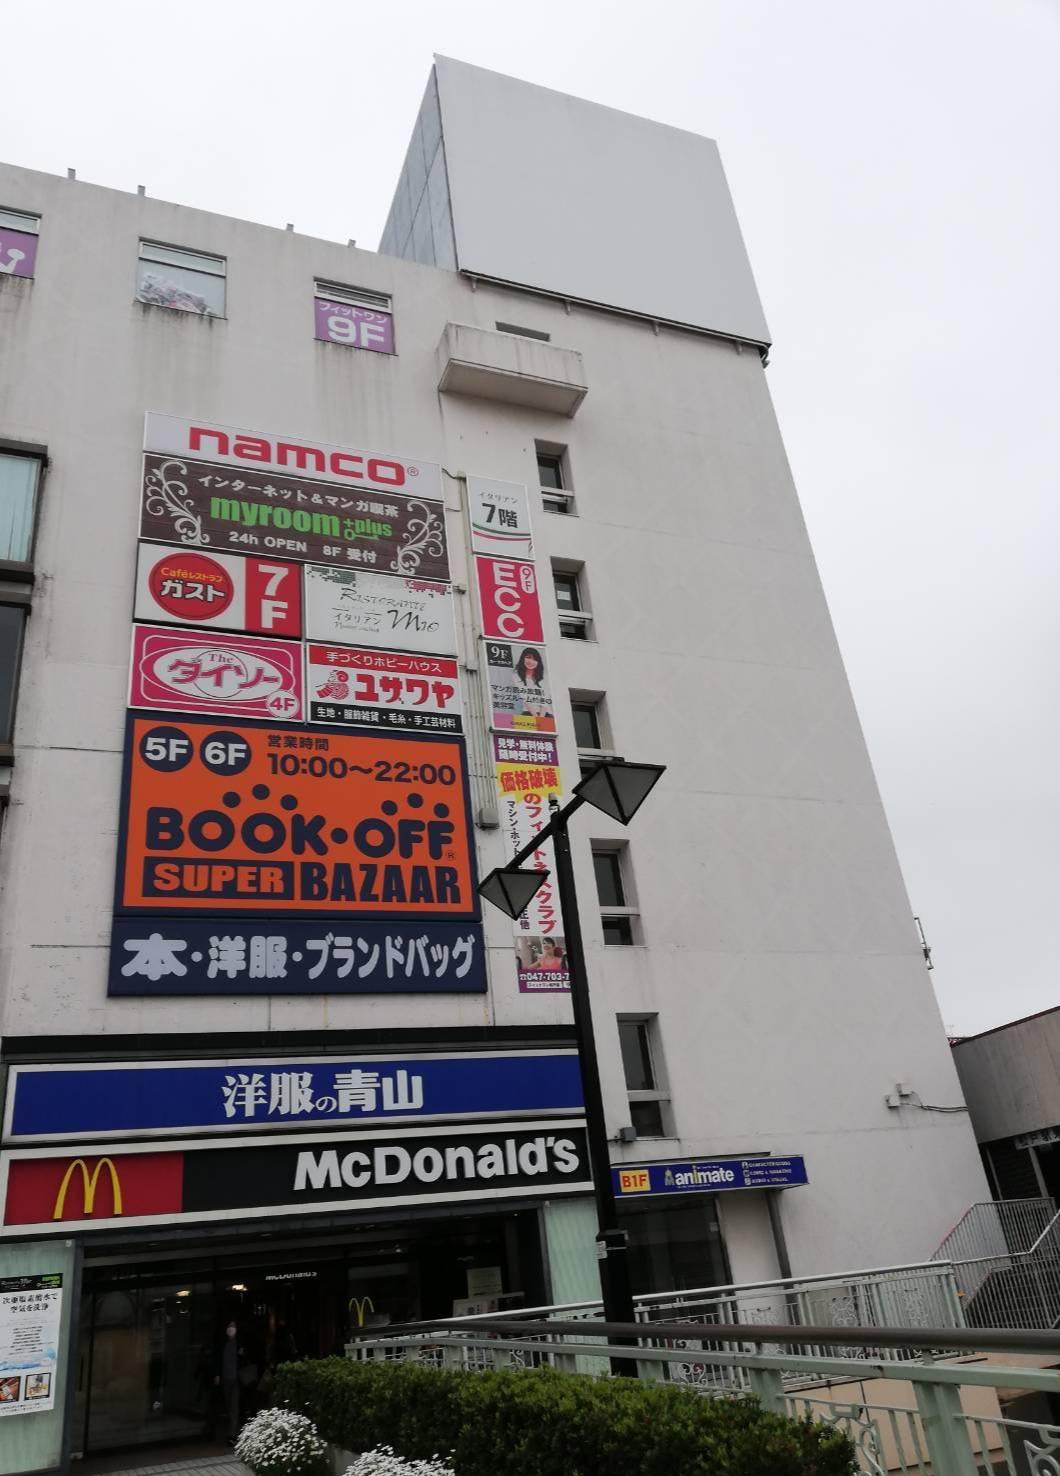 ユザワヤピアザ松戸店閉店